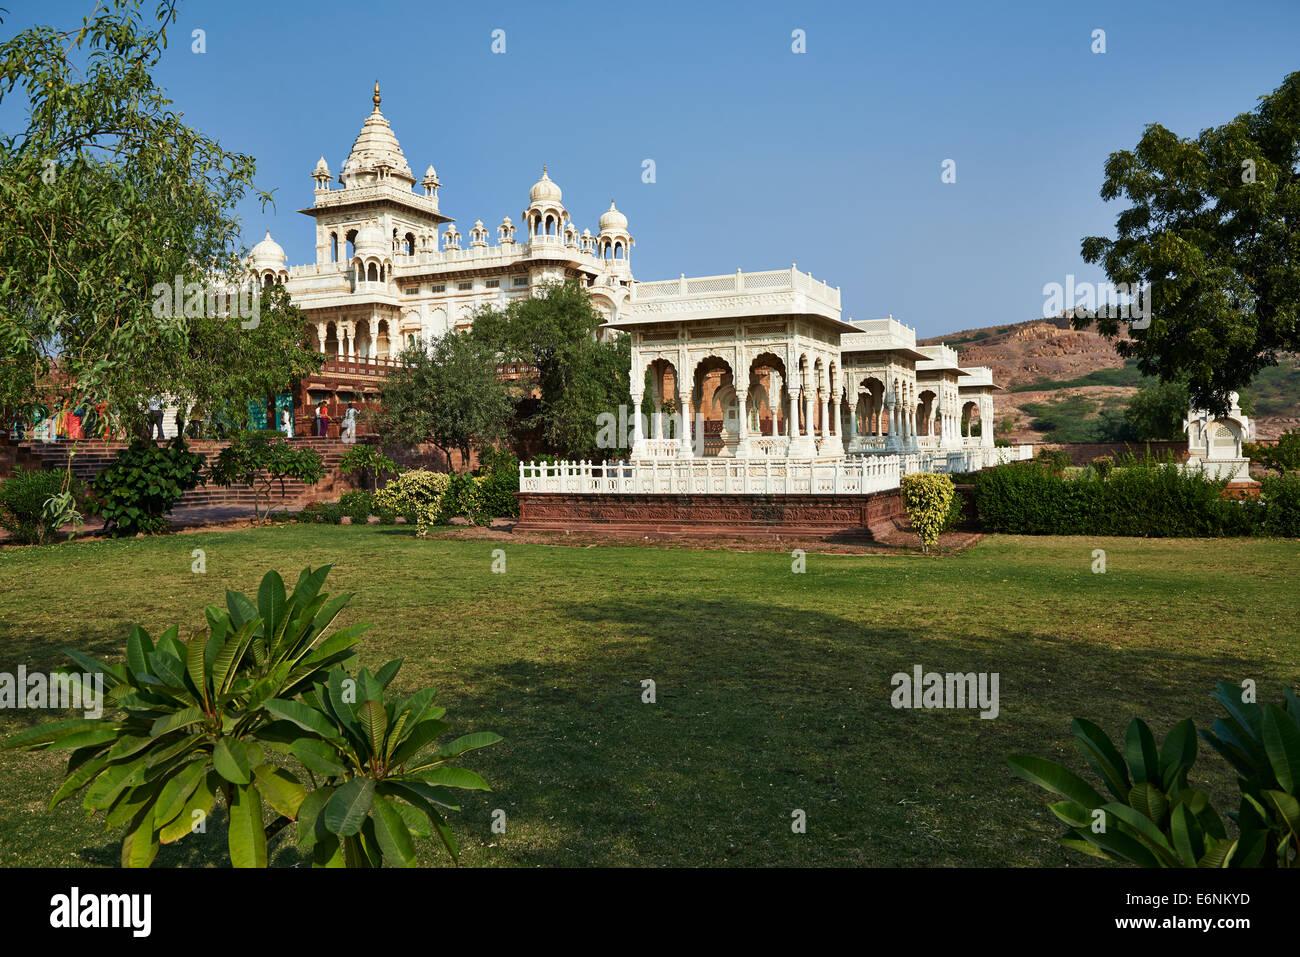 Das Jaswant Thada Mausoleum, hergestellt aus weißem Marmor, Jodhpur, Rajasthan, Indien Stockbild